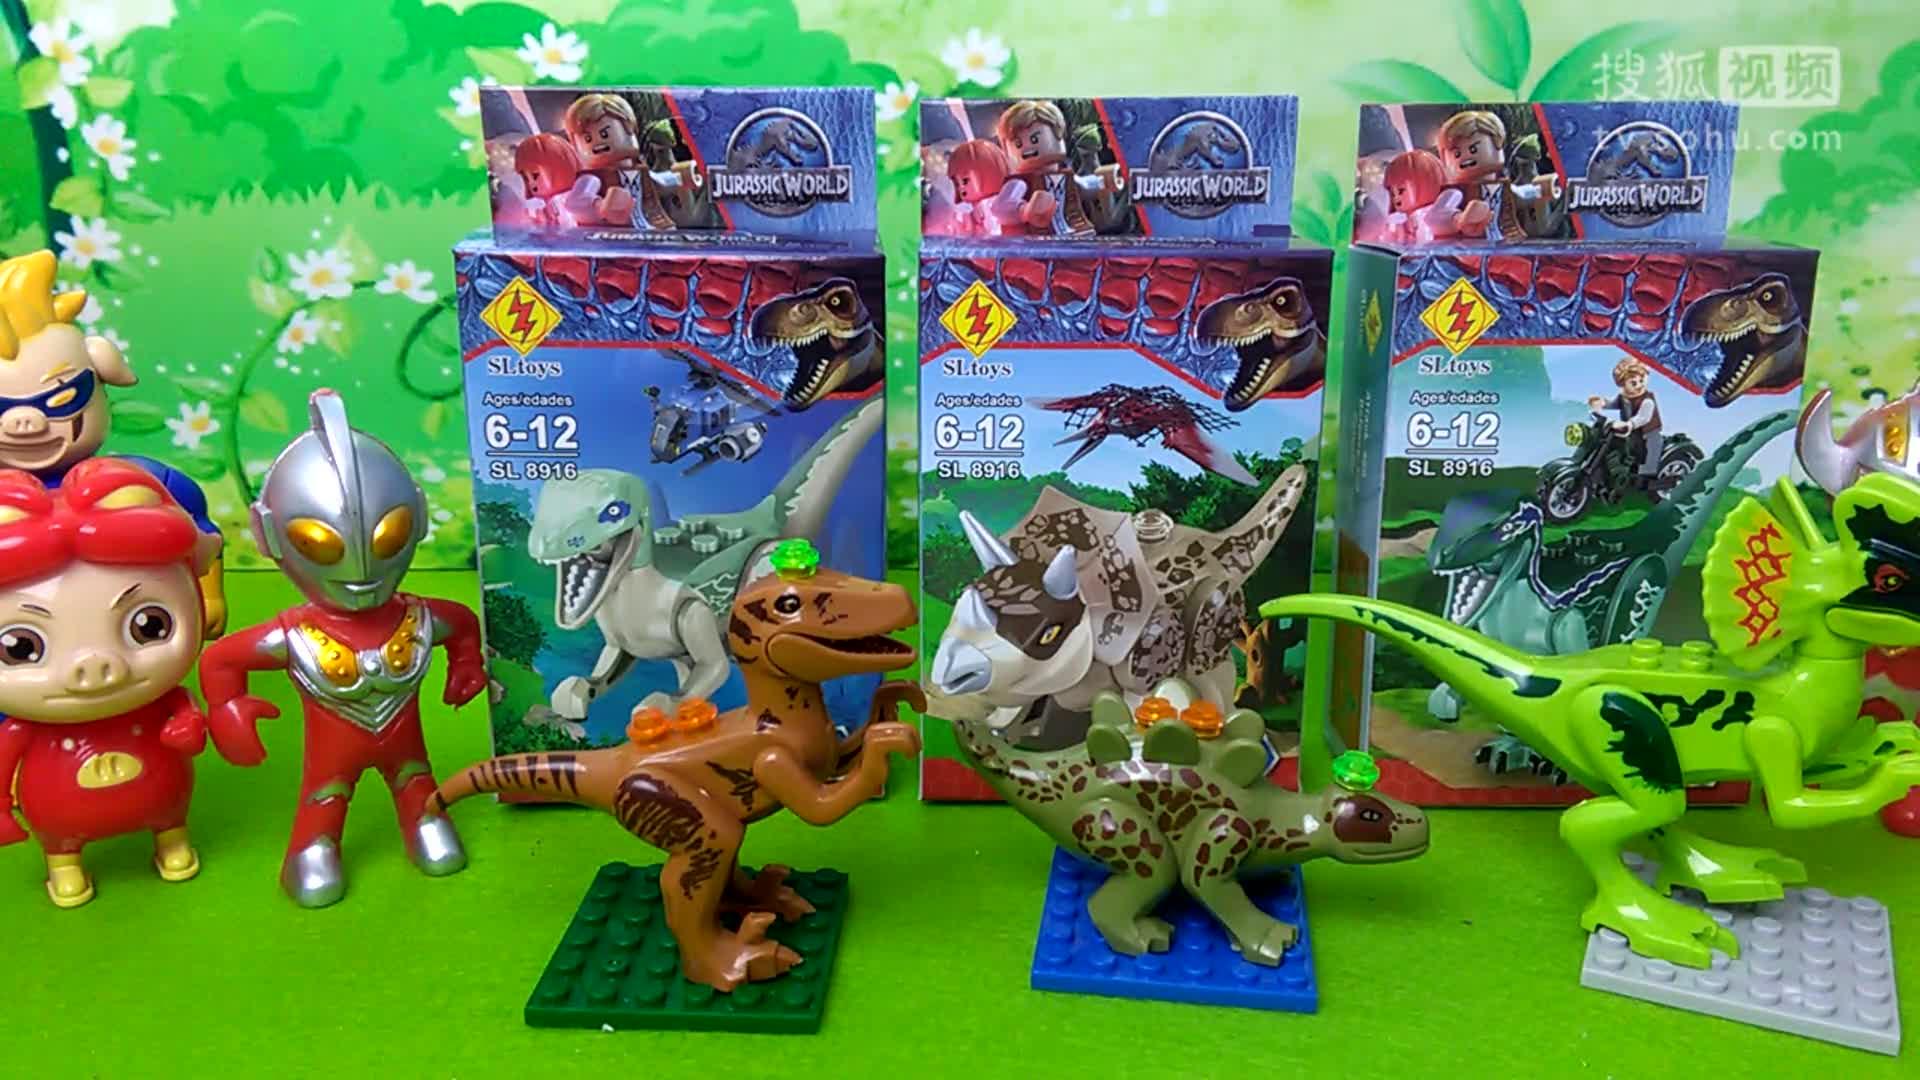 乐高我的世界 积木视频玩具 恐龙总动员 奥特曼格斗进化3 猪猪侠之.